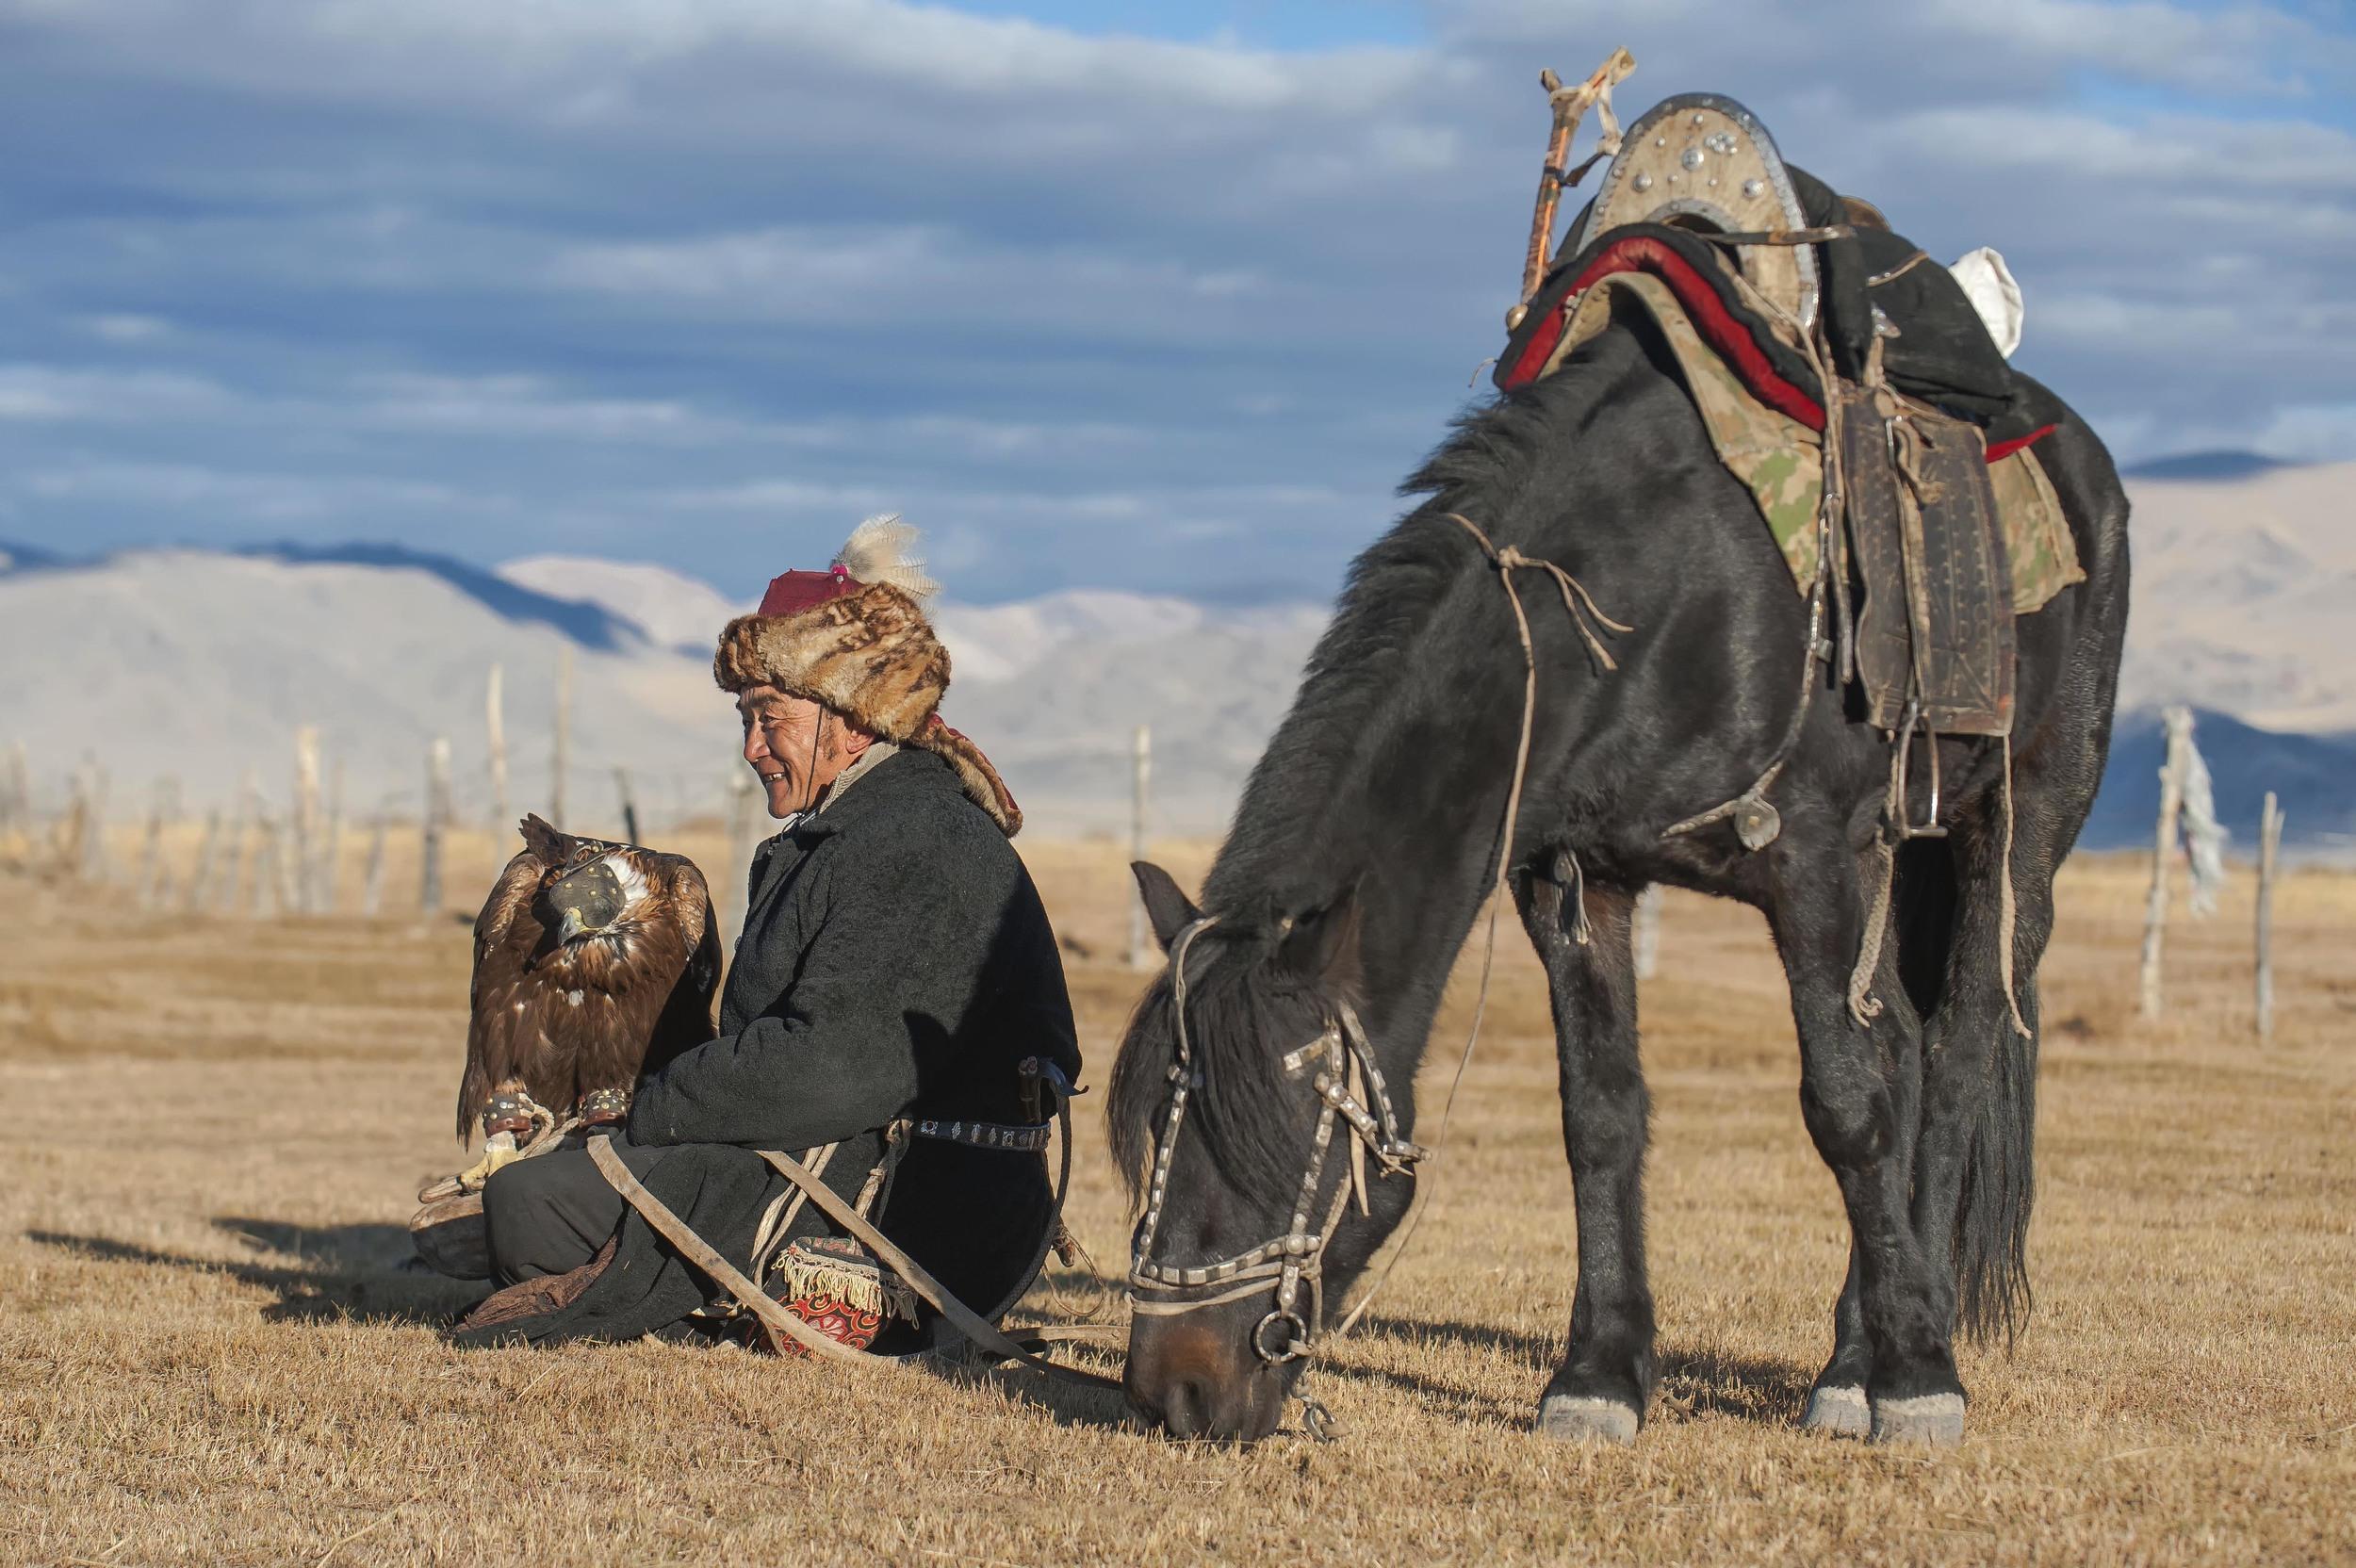 kazakh eagle hunter golden eagle and horse.jpg